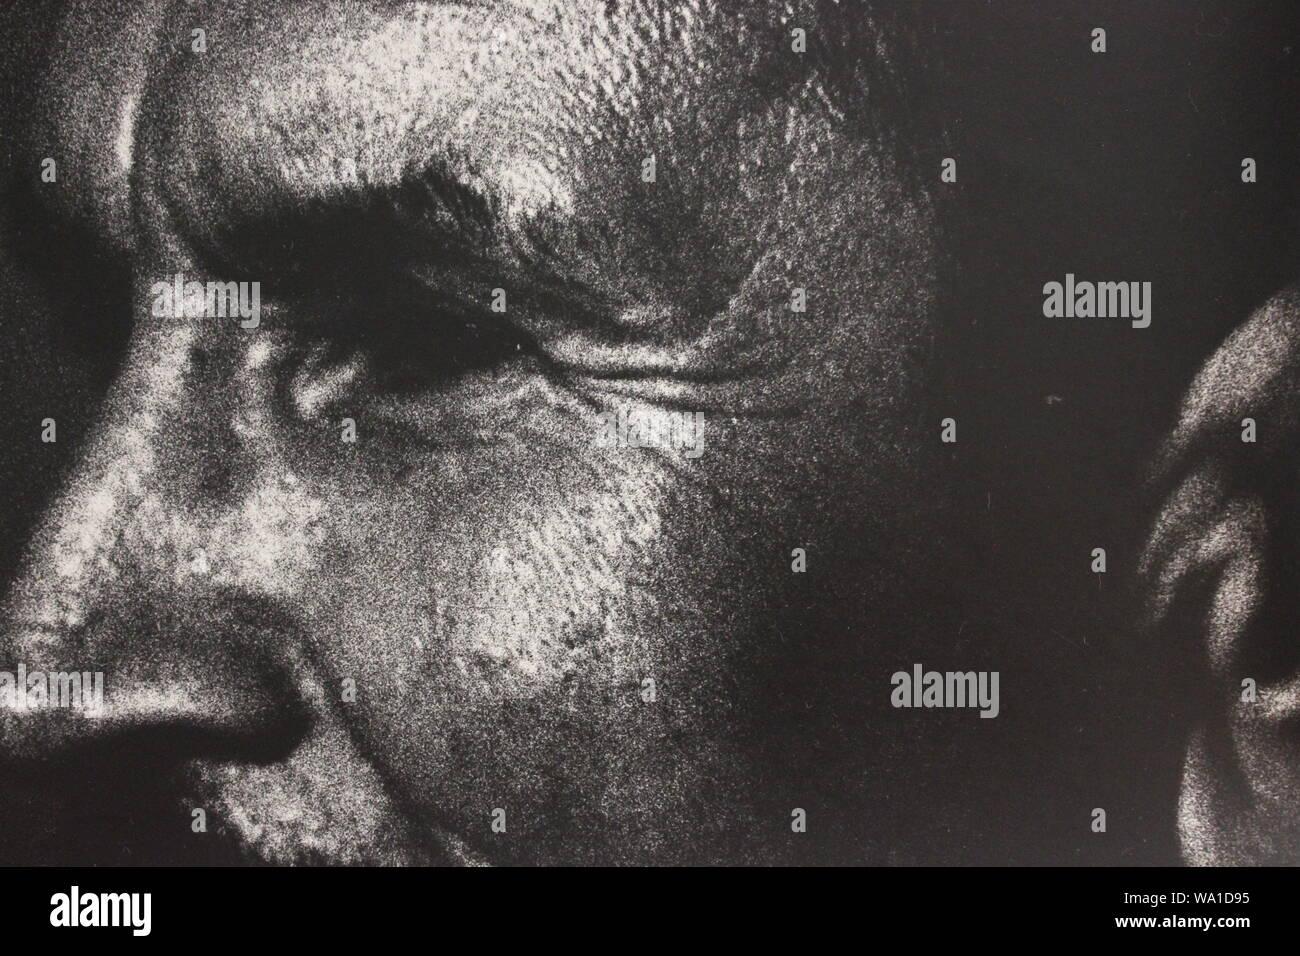 Feine schwarze und weiße Kunst Fotografie von den 1970er Jahren von einem Mann verdächtigen von dem, was er sieht. Stockfoto